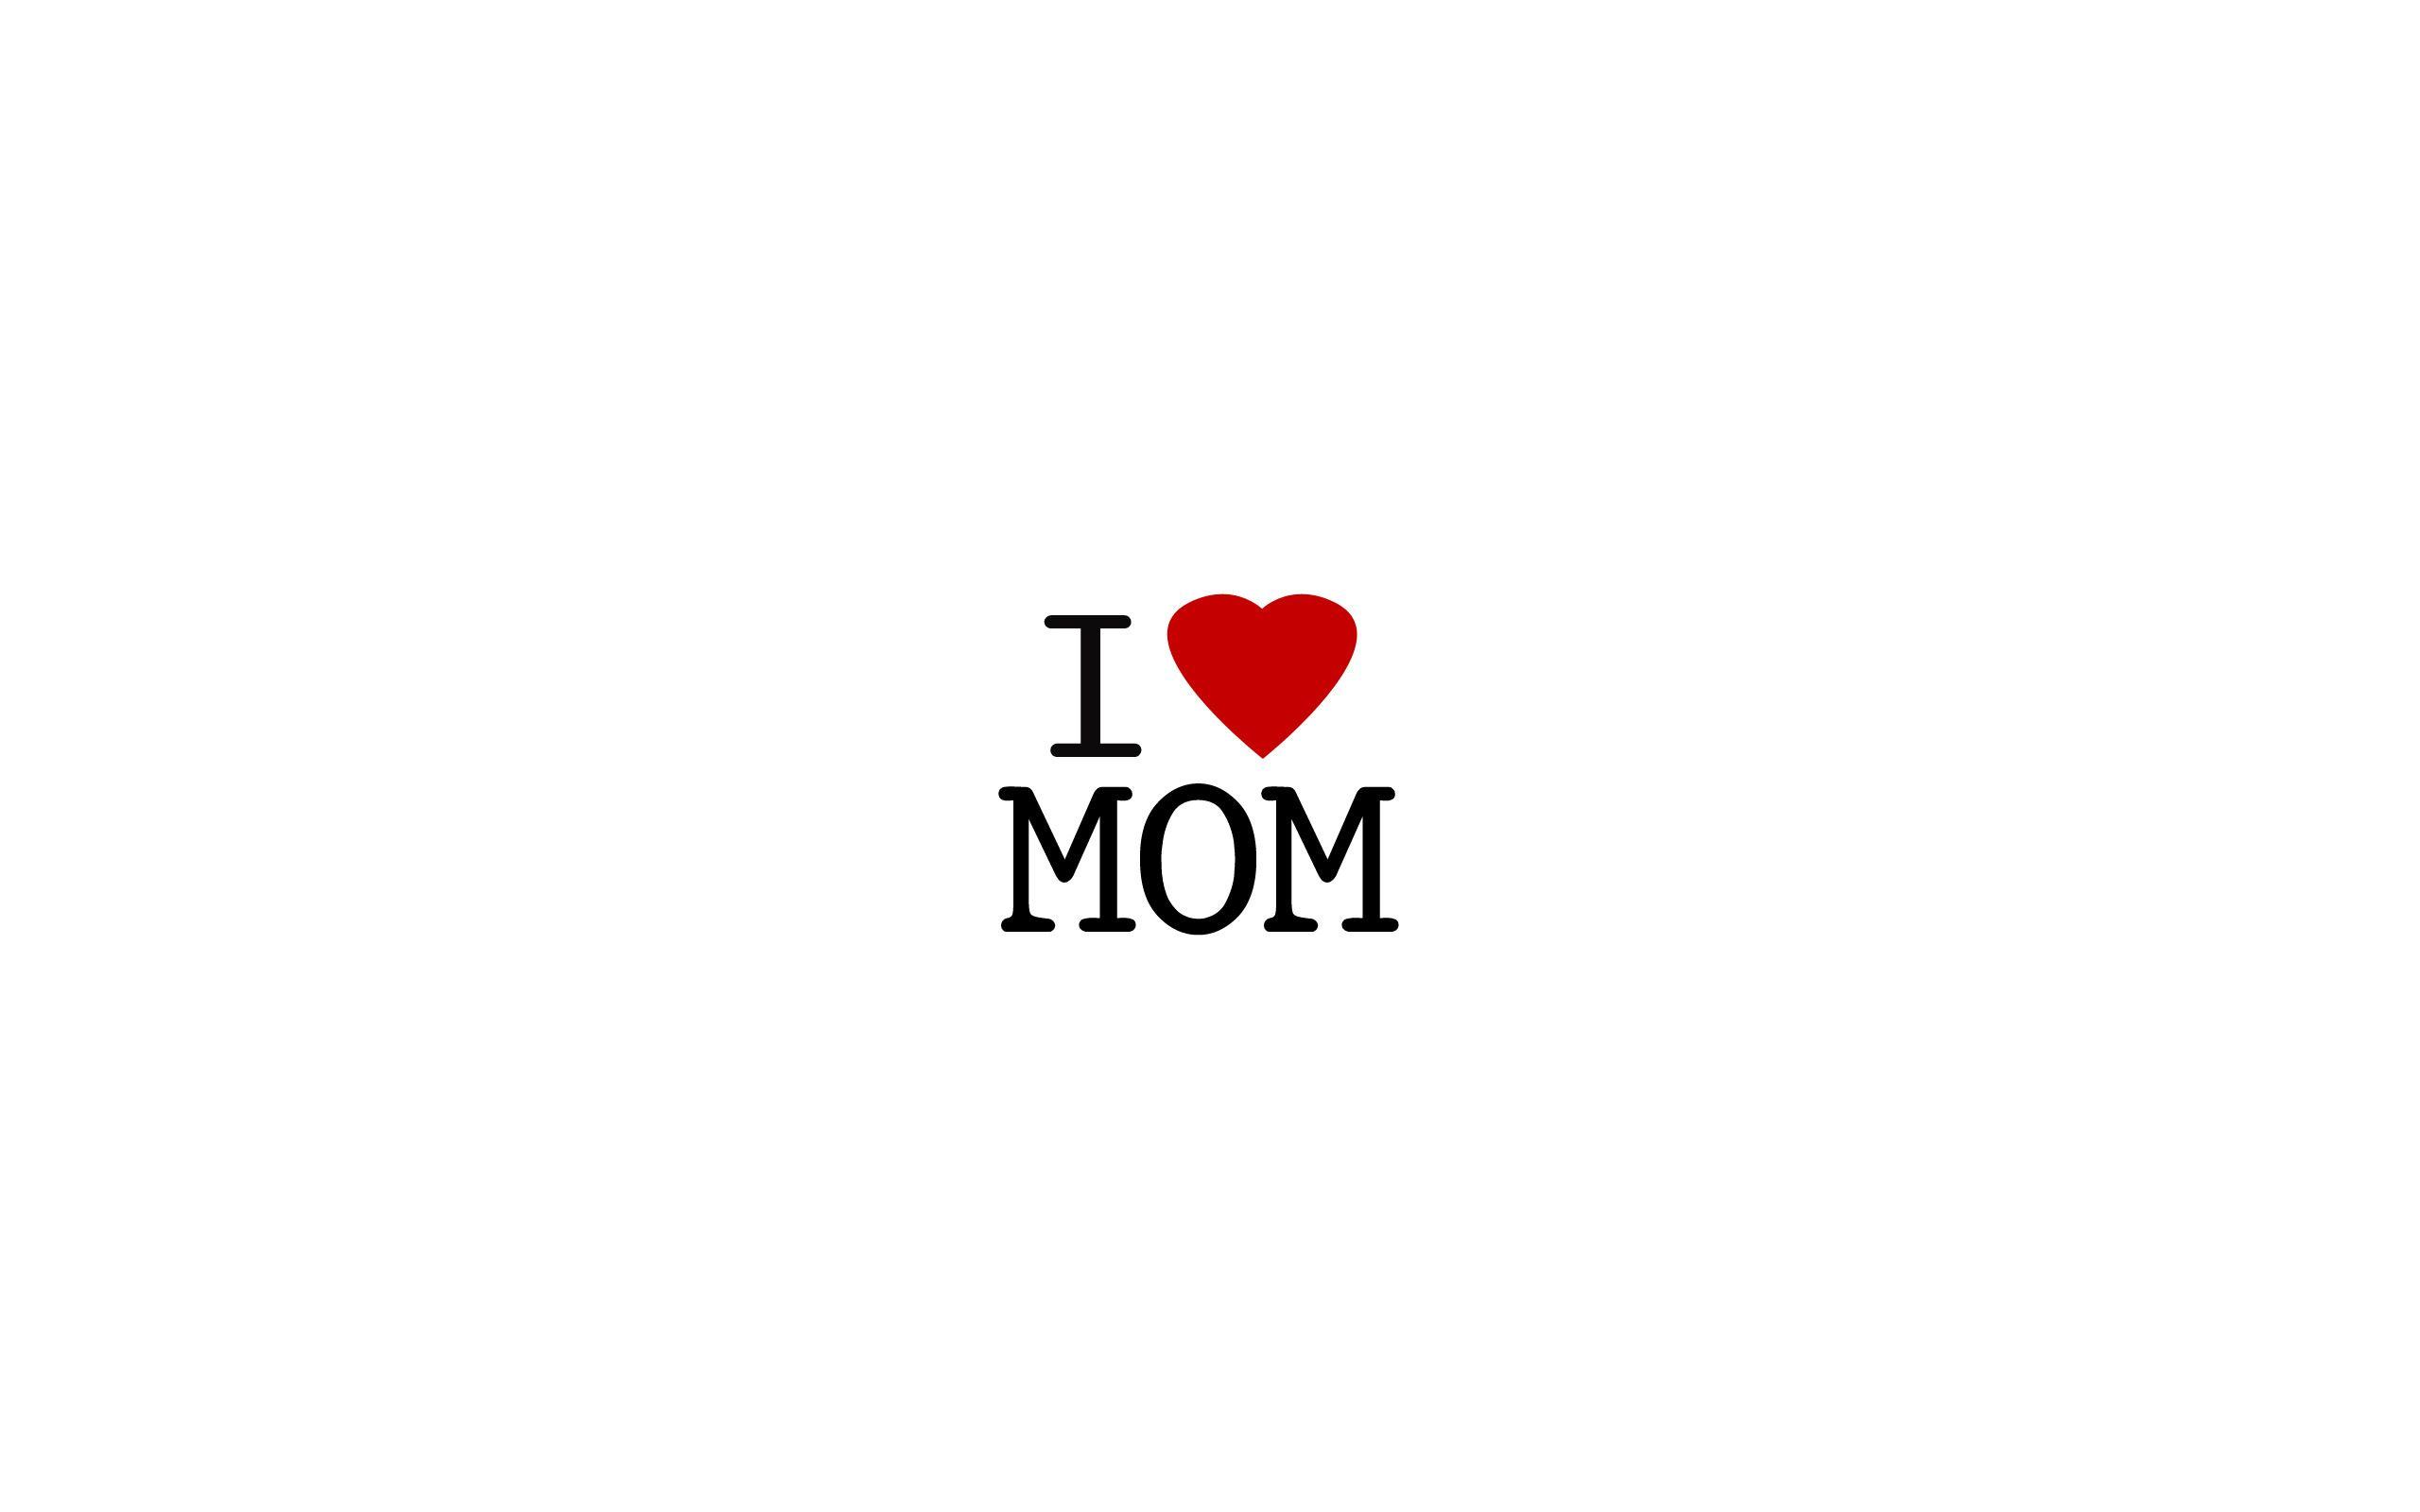 Поздравление, картинки с надписью мама на телефон